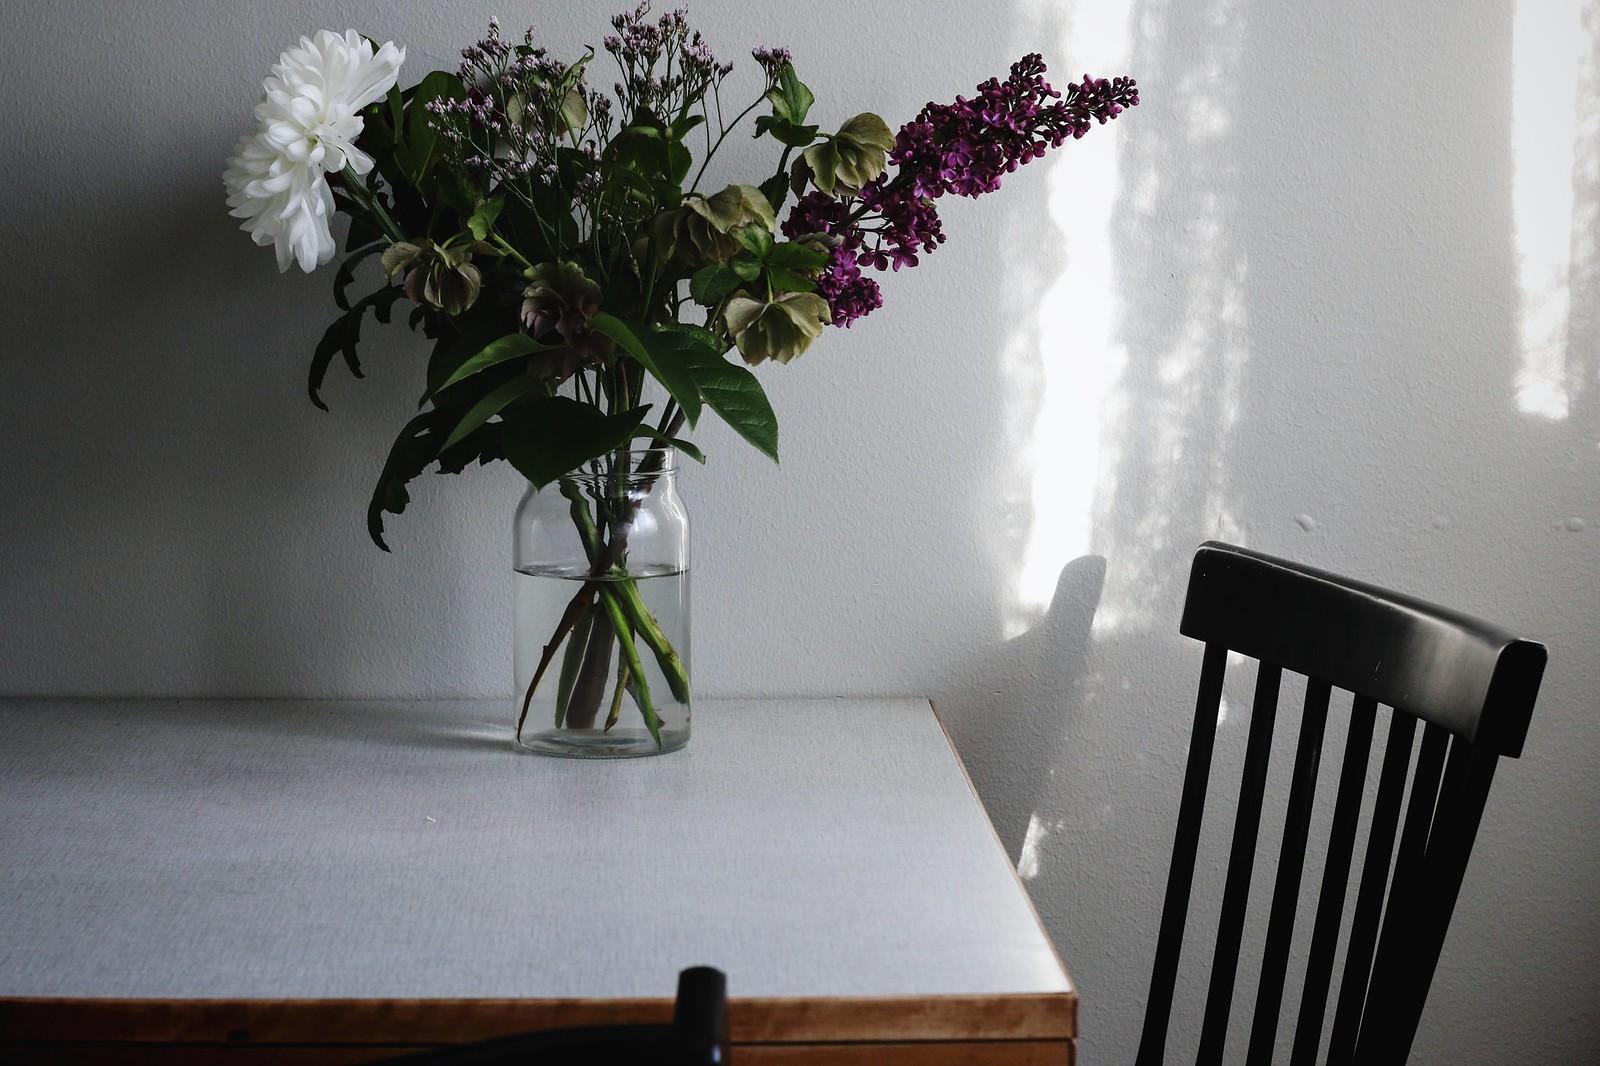 ... som Hugo köpte i Skövde inför visningen av lägenheten i Majorna och de  svarta pinnstolarna han hade när vi träffades. jag skulle vilja ha ett bord  i ... 074738bde1a23